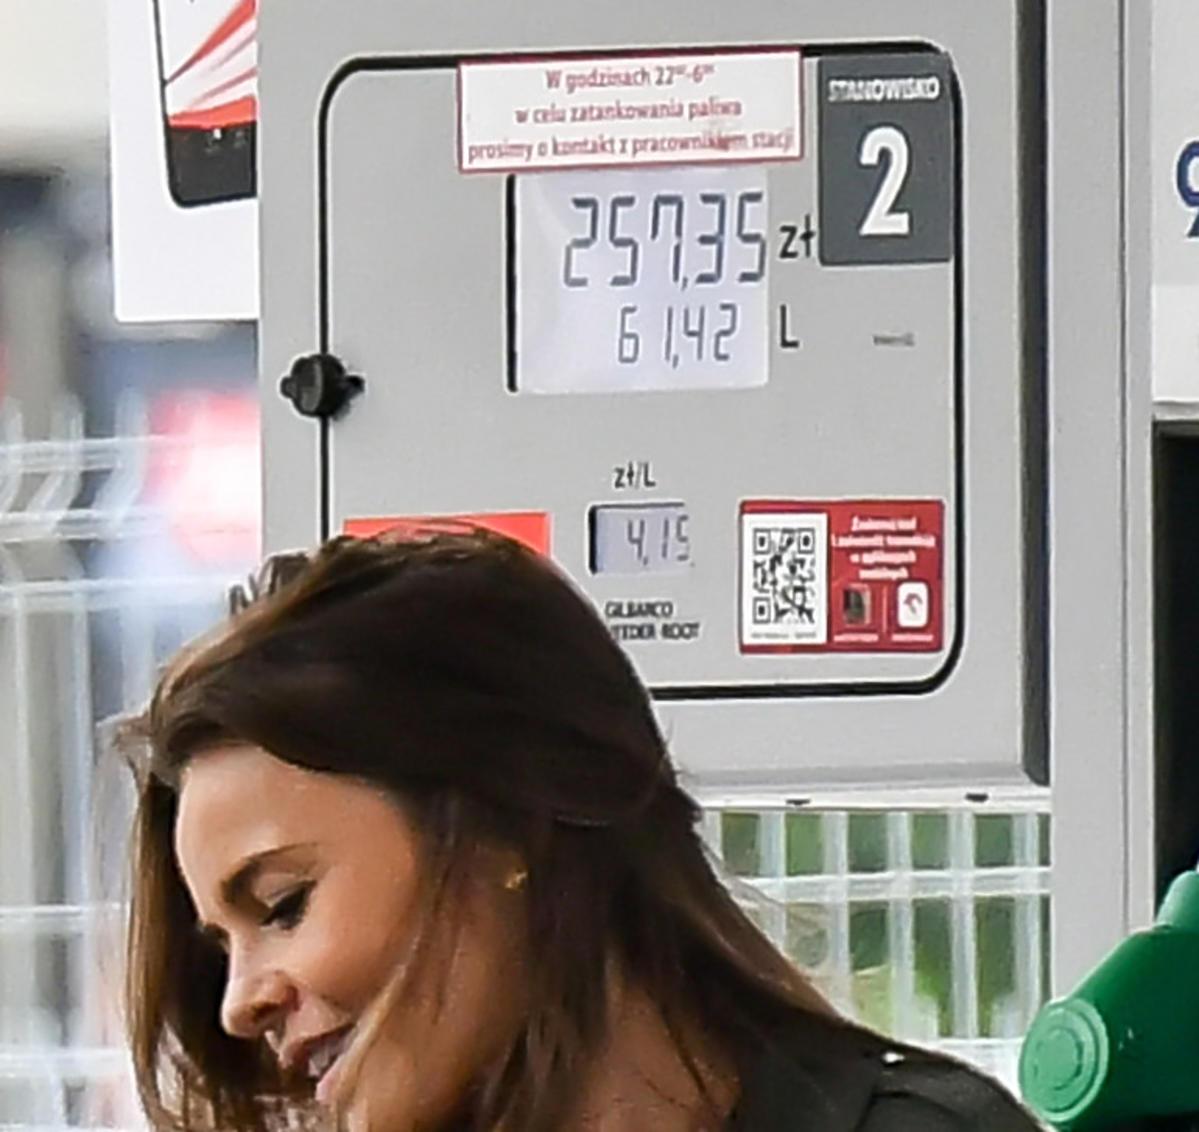 Edyta Herbuś tankuje na stacji benzynowej